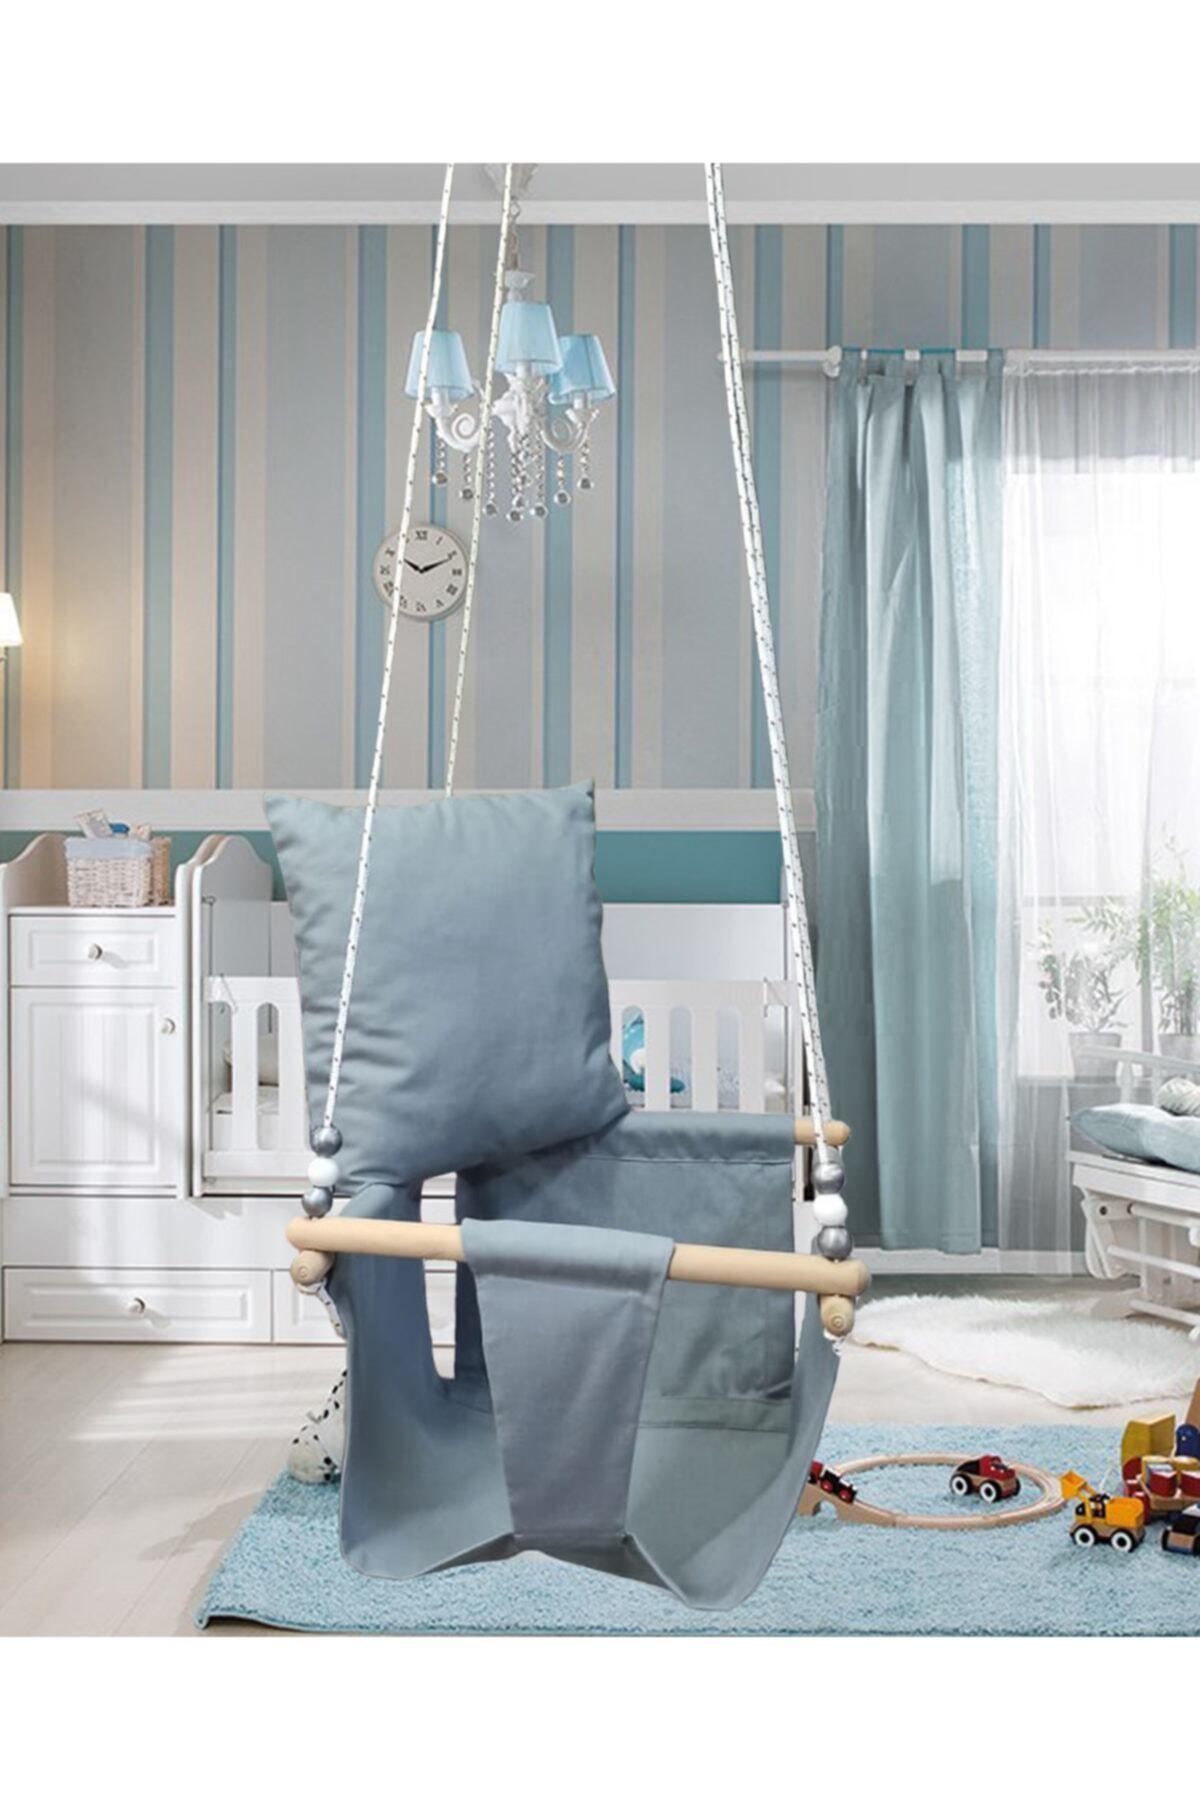 Altev Ahşap Düz Renk Bebek Çocuk Bahçe Salıncağı Hamak Tavan Salıncağı Ev Salıncağı 1